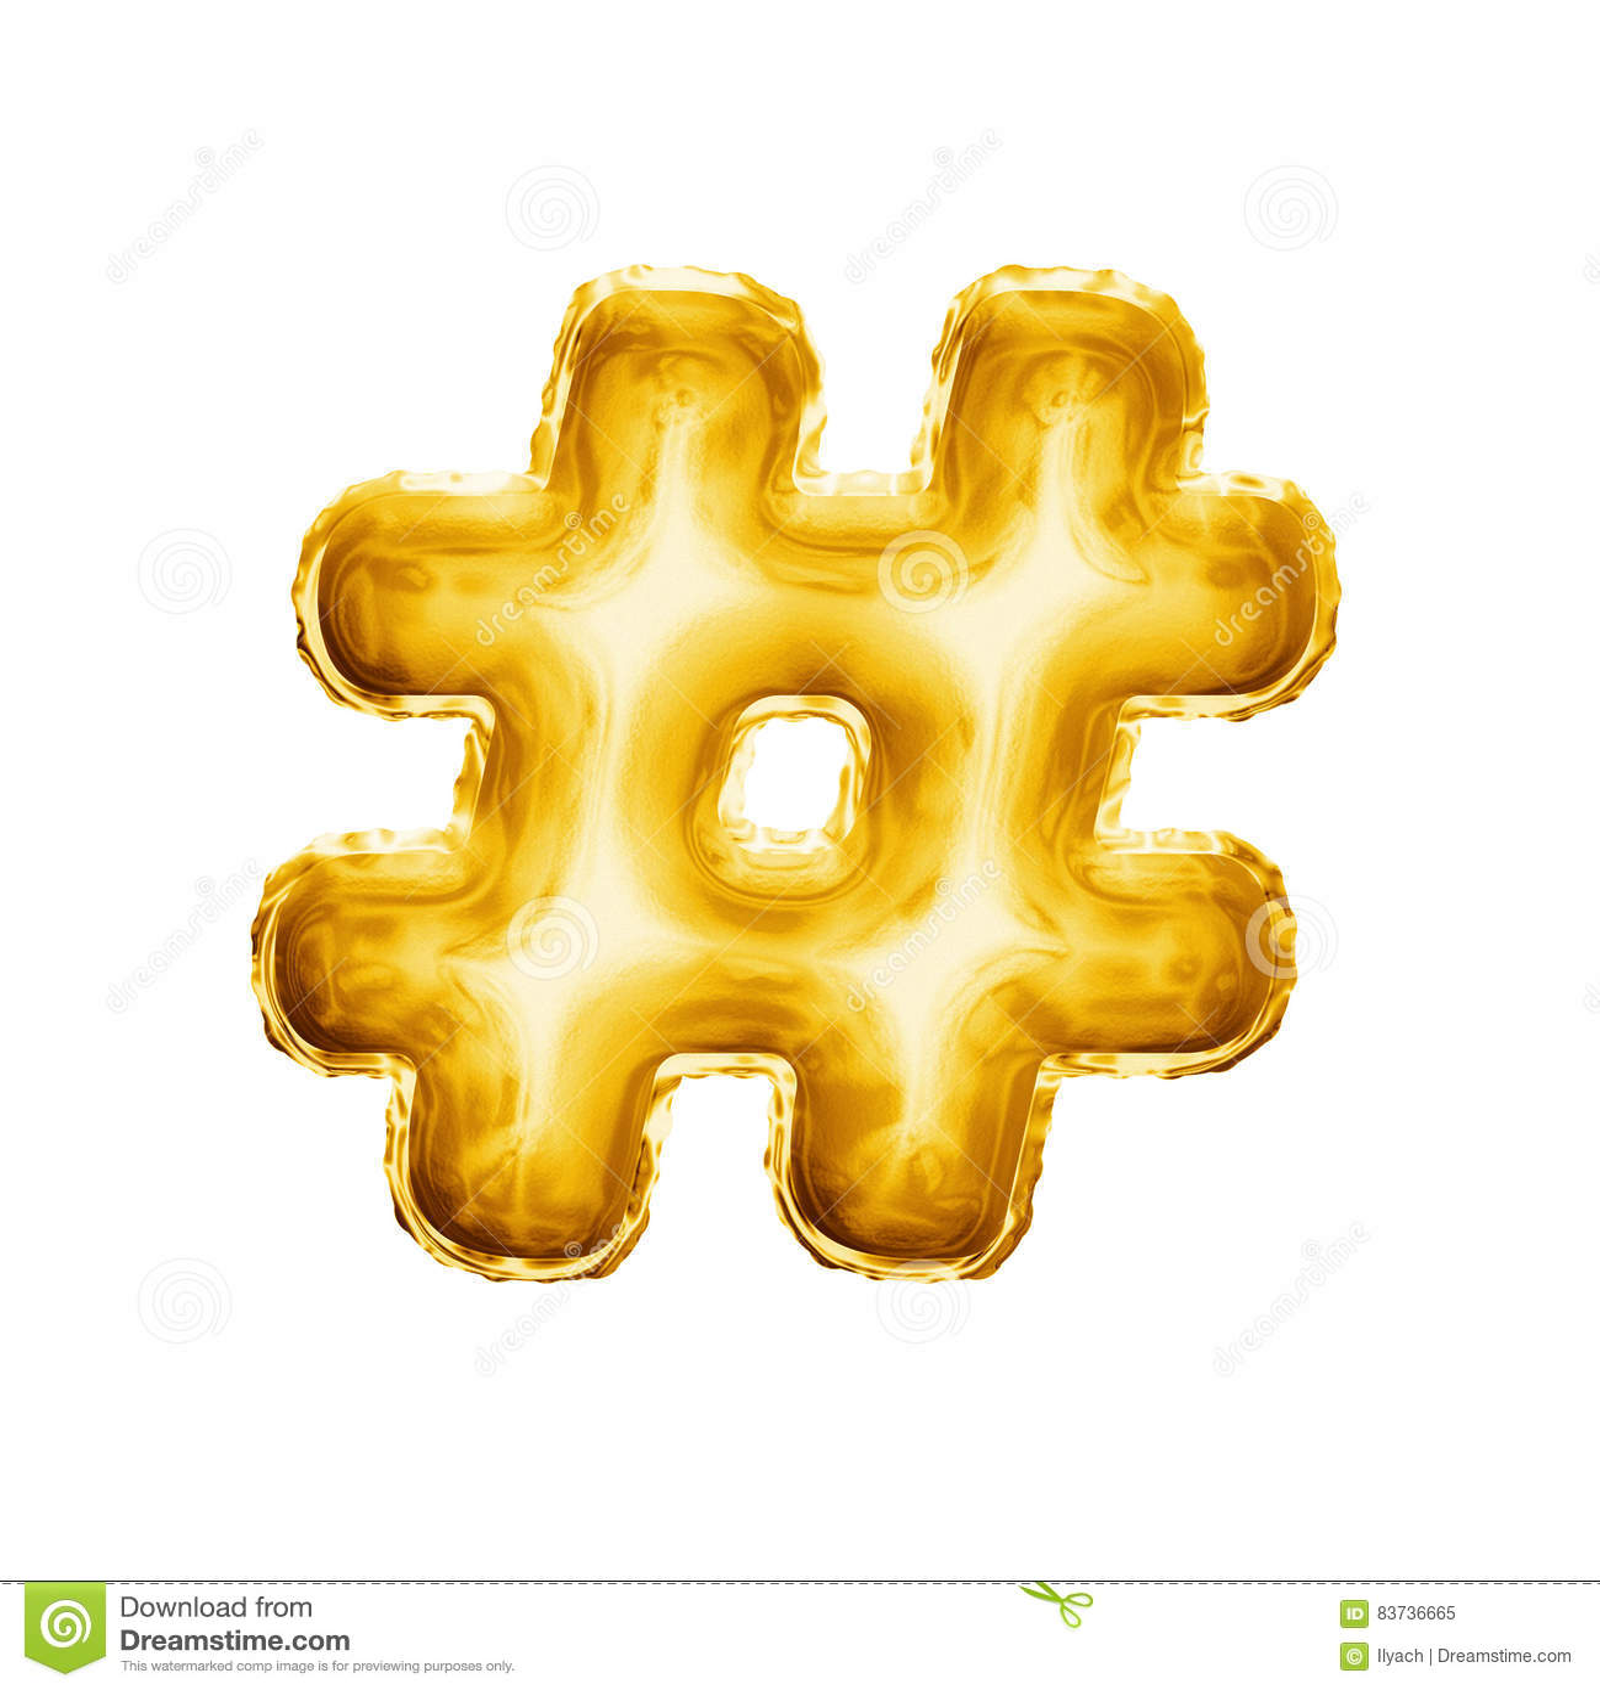 迅速增加hashtag数字标志标志3D金黄箔现实字母表